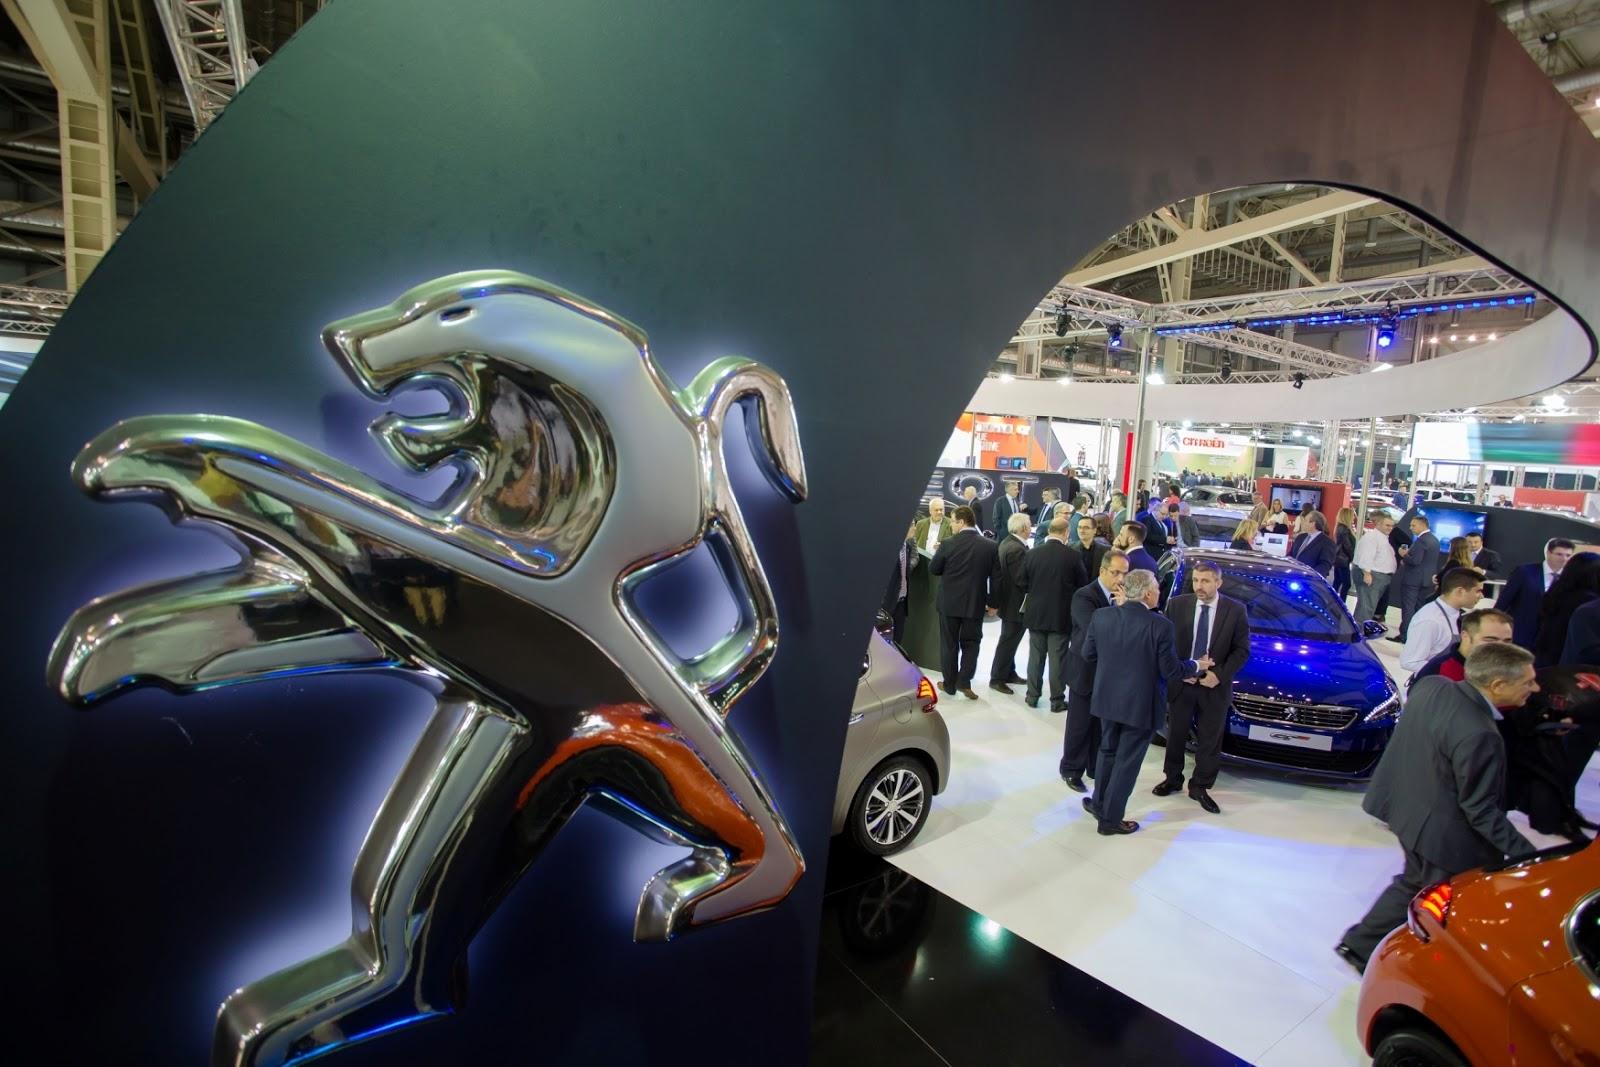 photo4L Γιατί όλοι τρέχουν στο περίπτερο της Peugeot, στην Αυτοκίνηση;